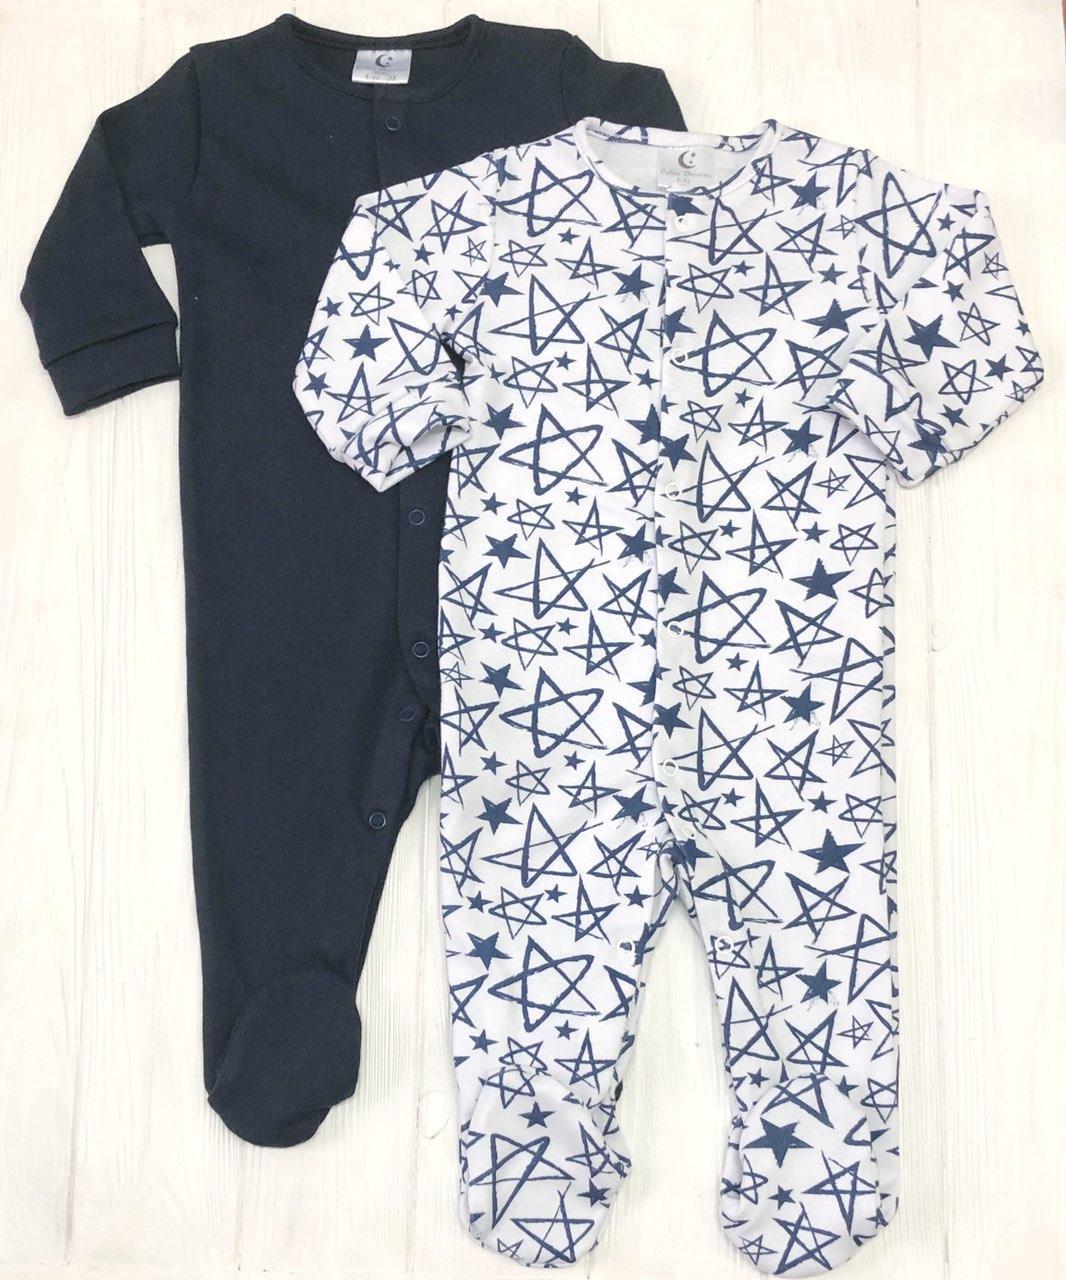 Модный детский комплект из 2 единиц Человечков,слипов Звезды+т.синий